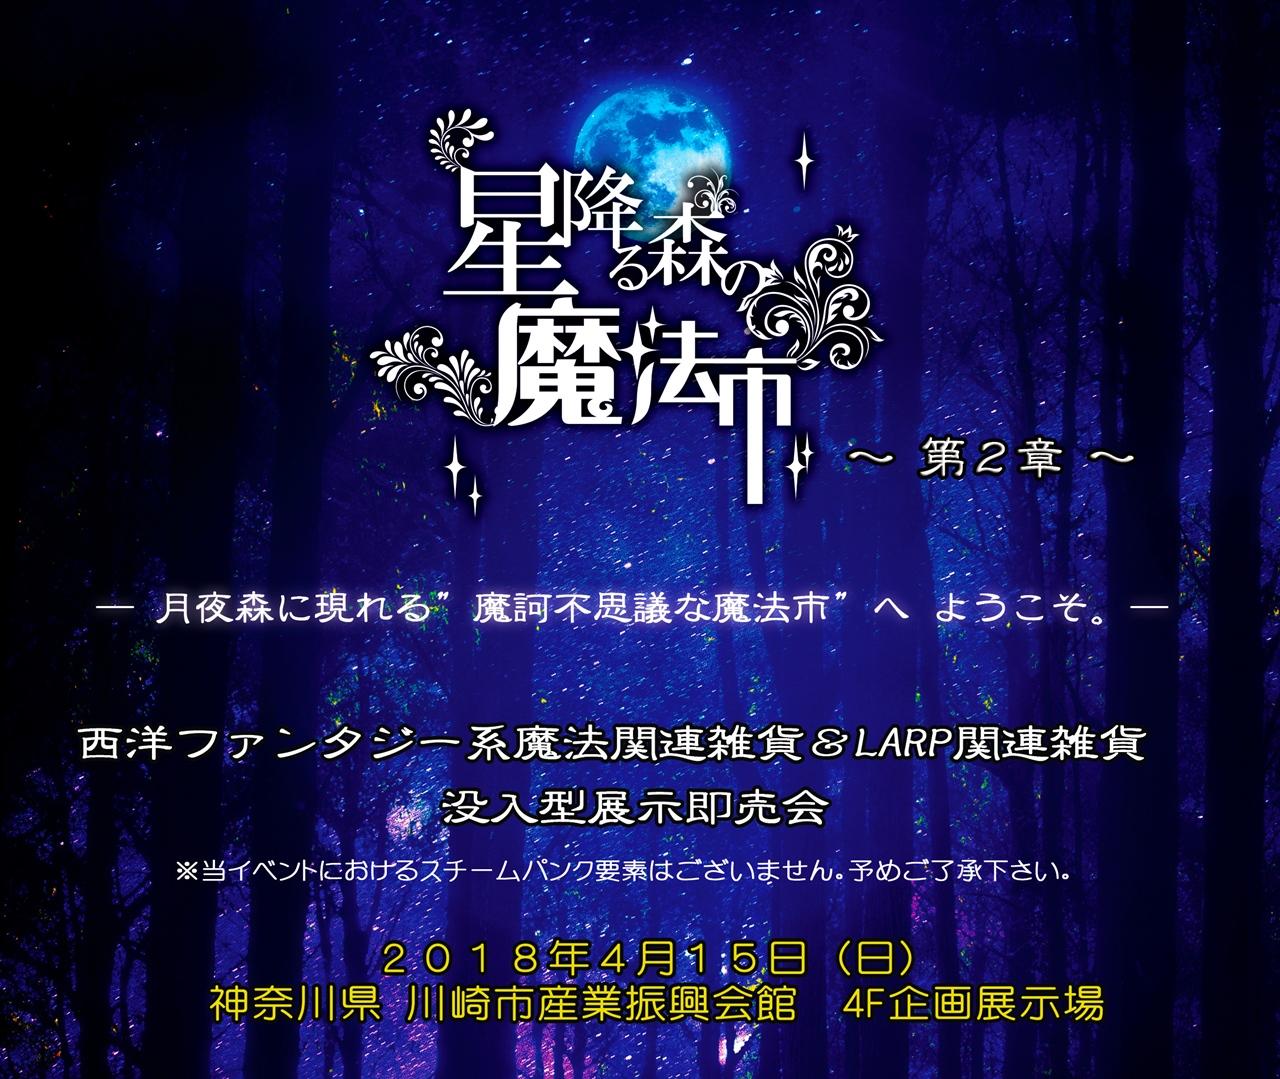 【終了】<ファンタジー部門>星降る森の魔法市・ご案内